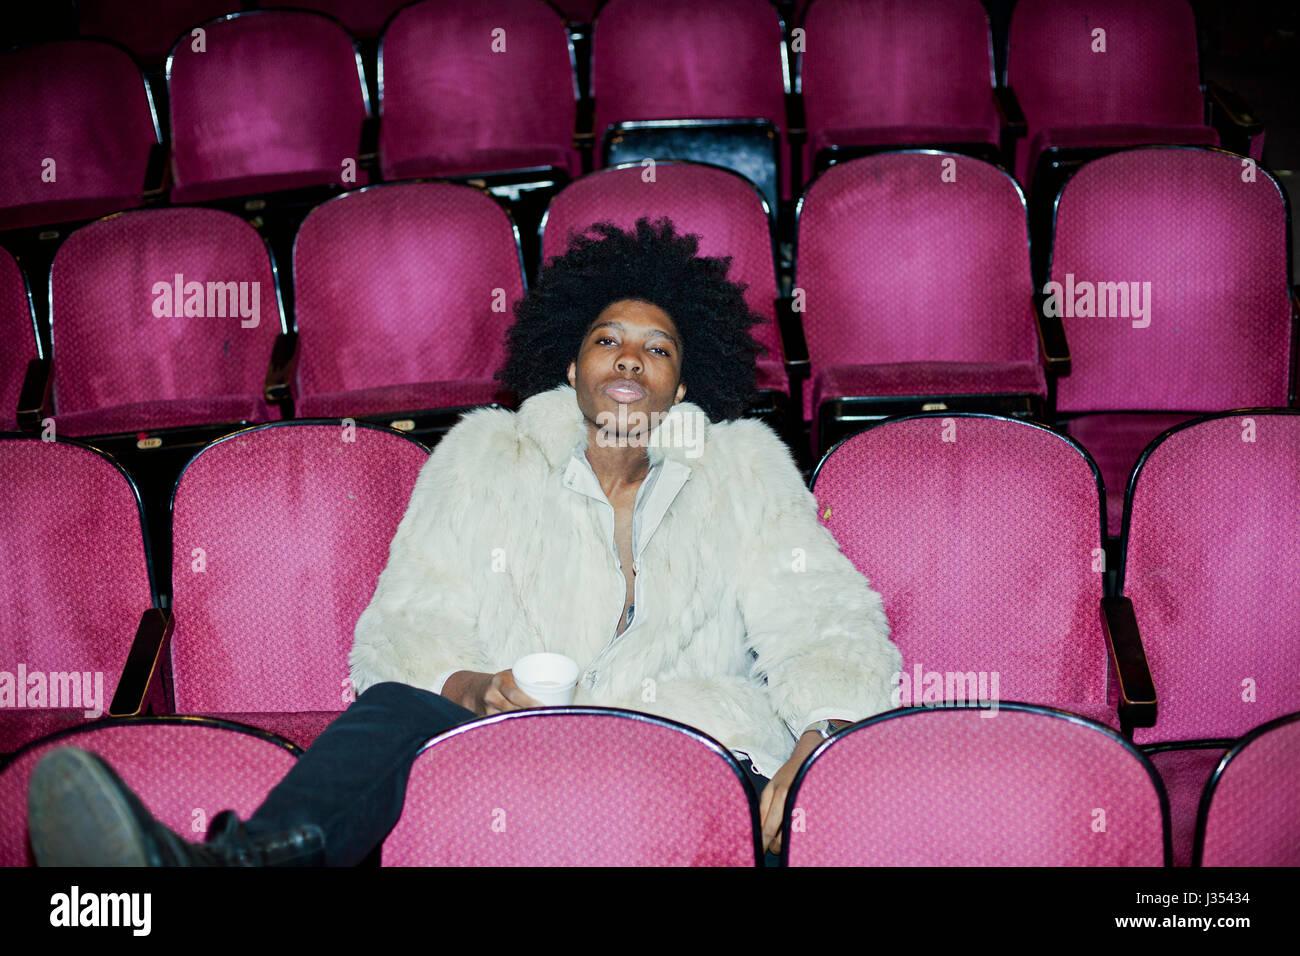 Portrait d'un jeune homme dans un manteau de fourrure dans un théâtre Photo Stock